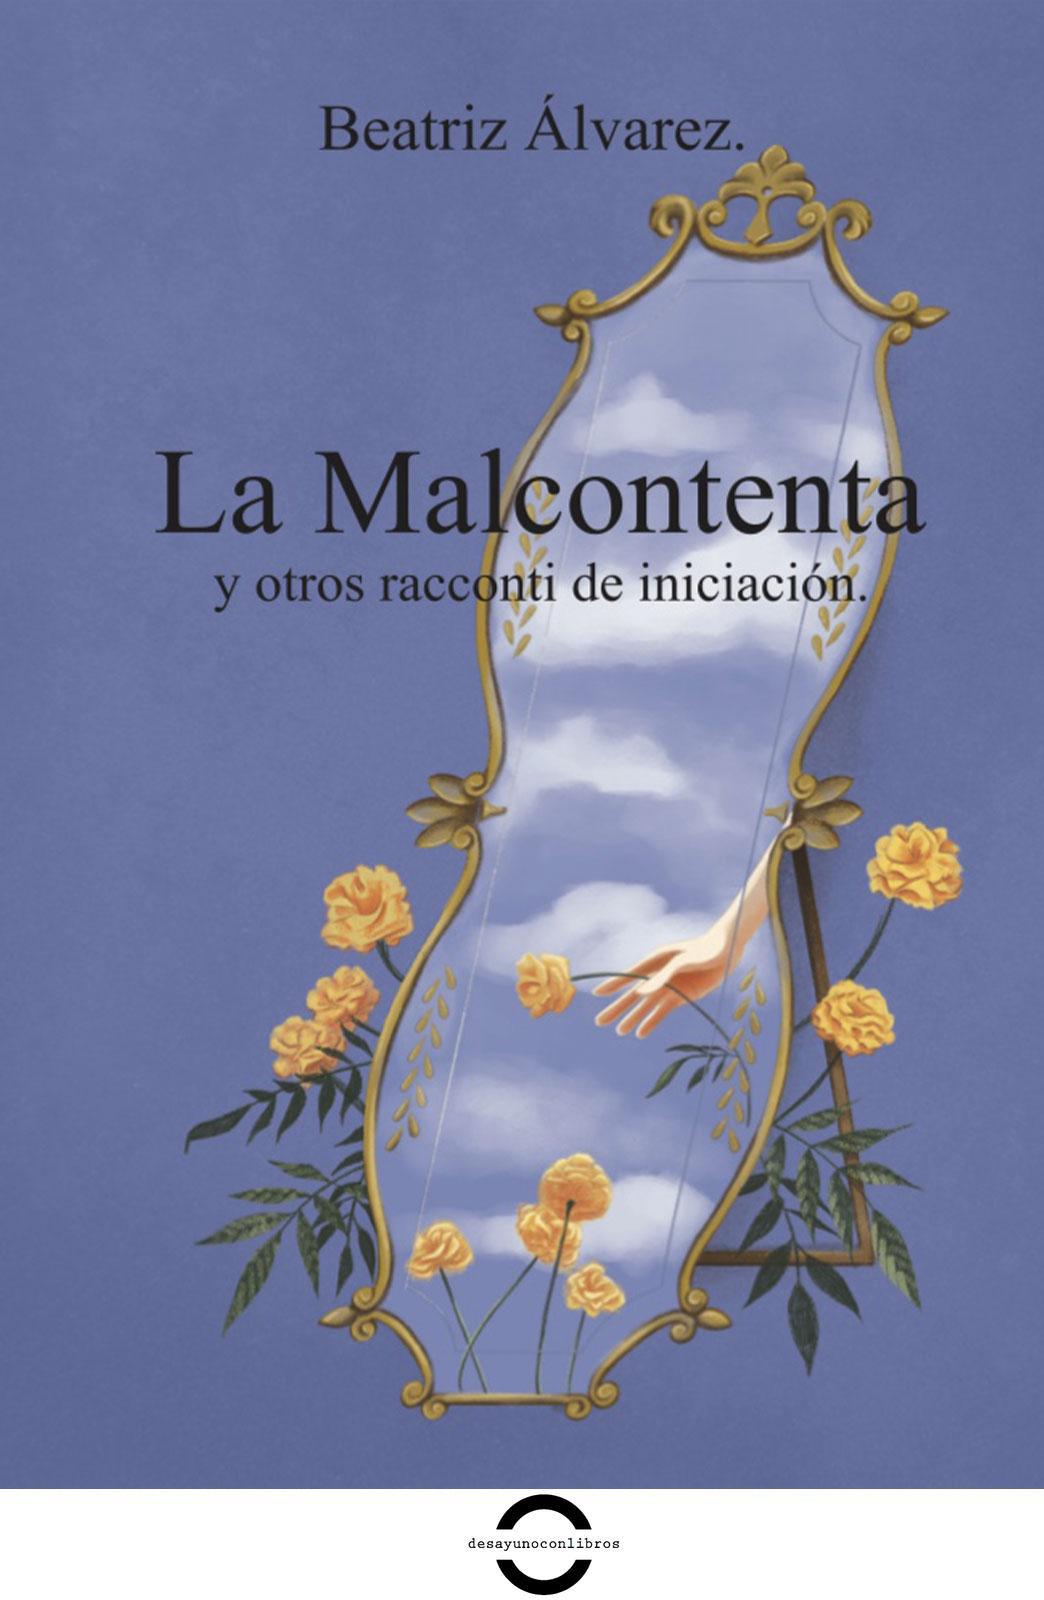 La malcontenta y otros racconti de iniciación María Couto